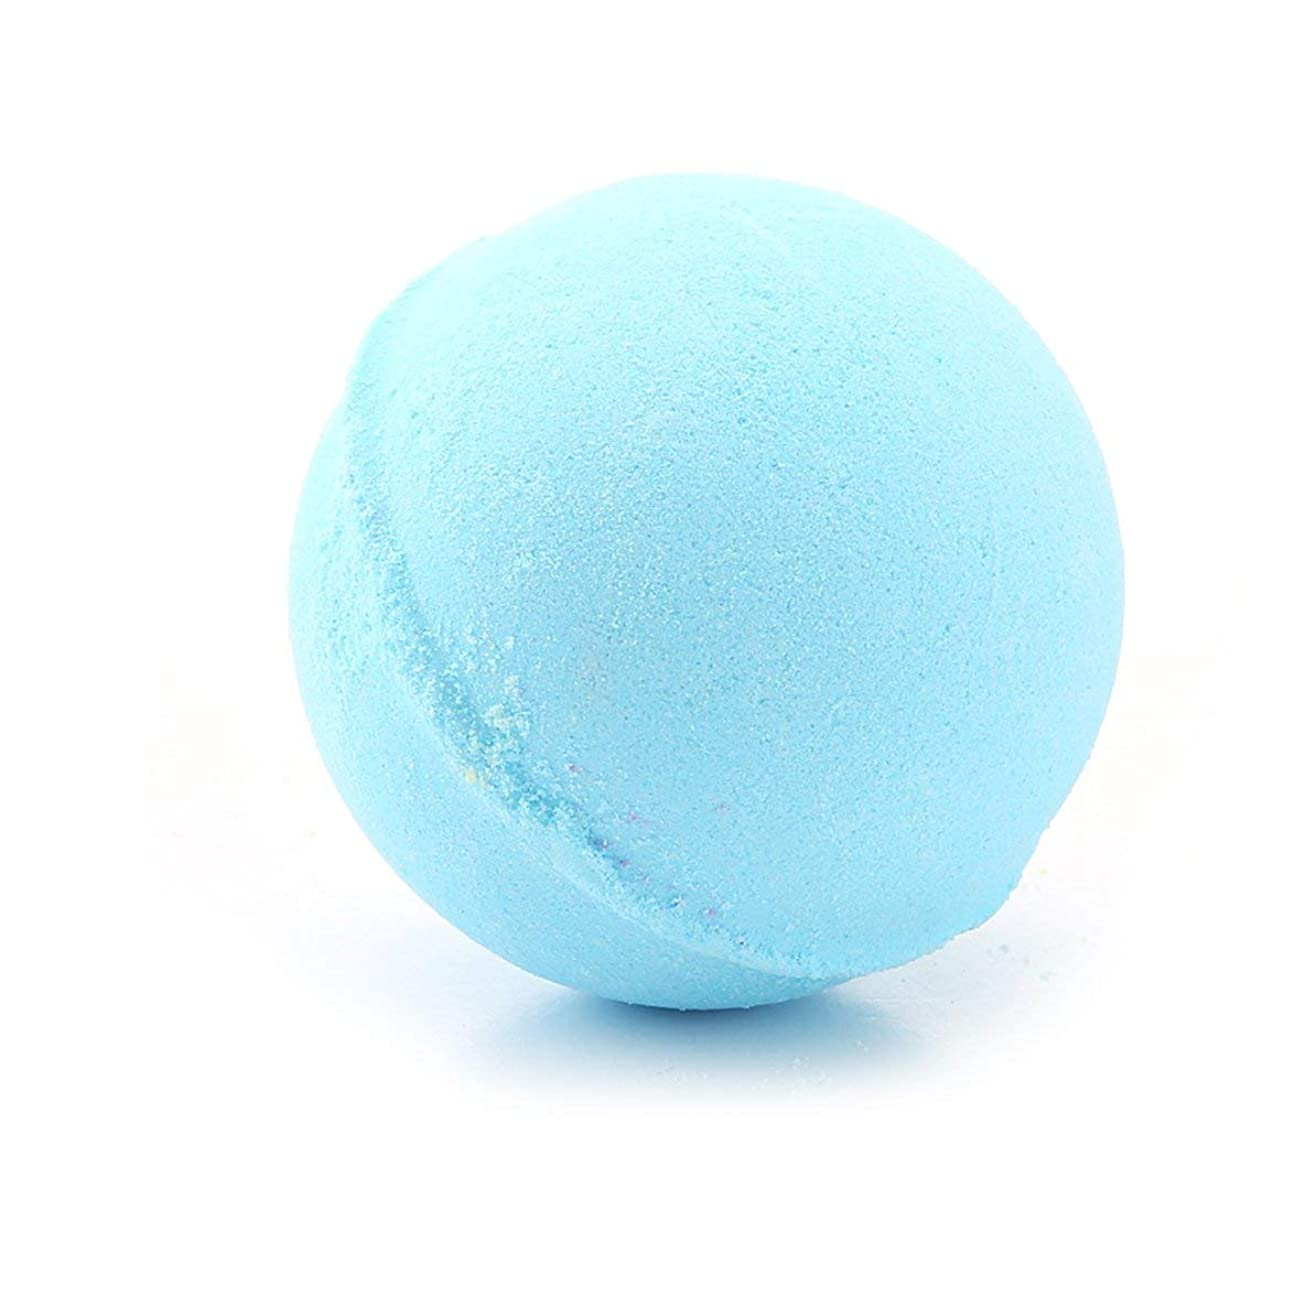 今男らしさ征服する60グラム多色風呂ボールナチュラルバブルフィザー風呂爆弾ホームホテルのバスルームボディスパ誕生日プレゼント用彼女の妻のガールフレンド - ブルー